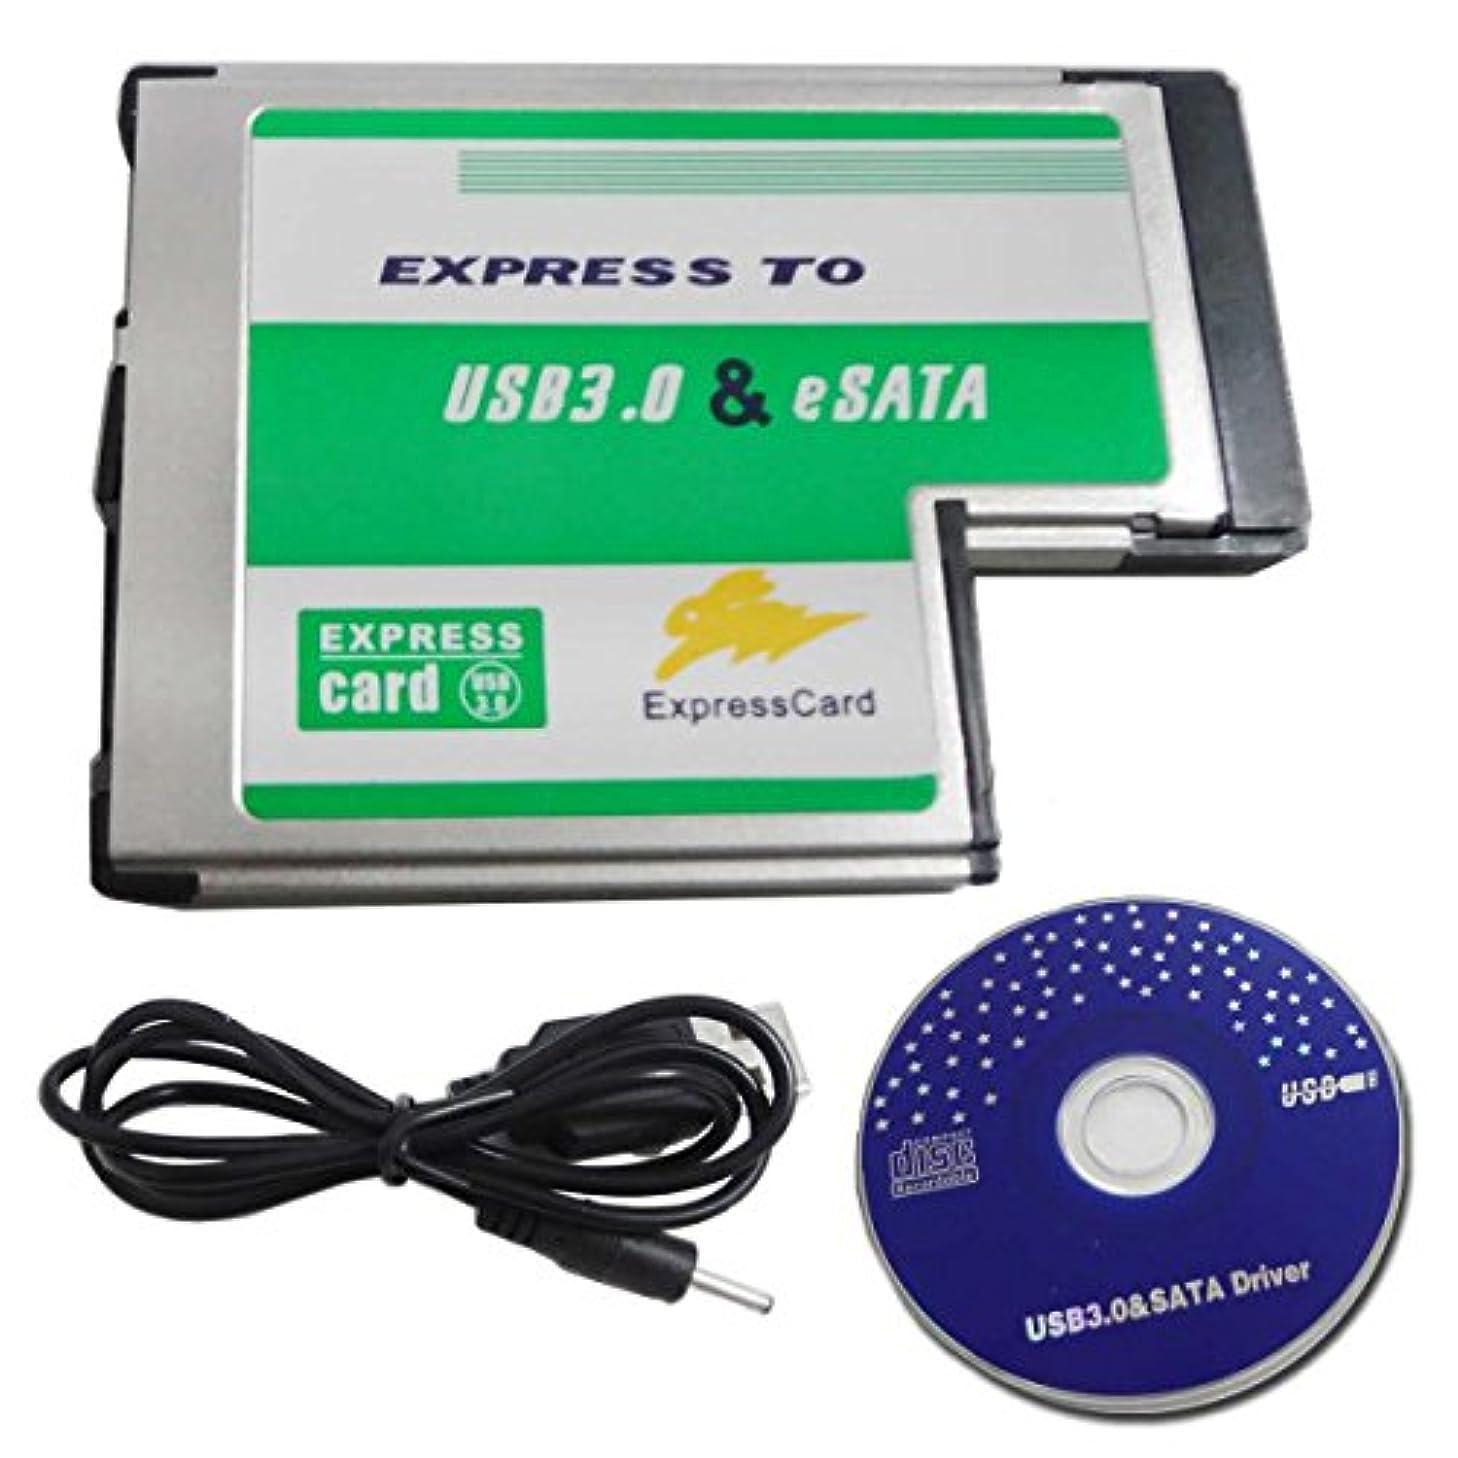 毛皮相対的取り組む隠し54mm ExpressCard USB 3.0 + eSATA II 2.0コンボアダプタカードラップトップノートブック